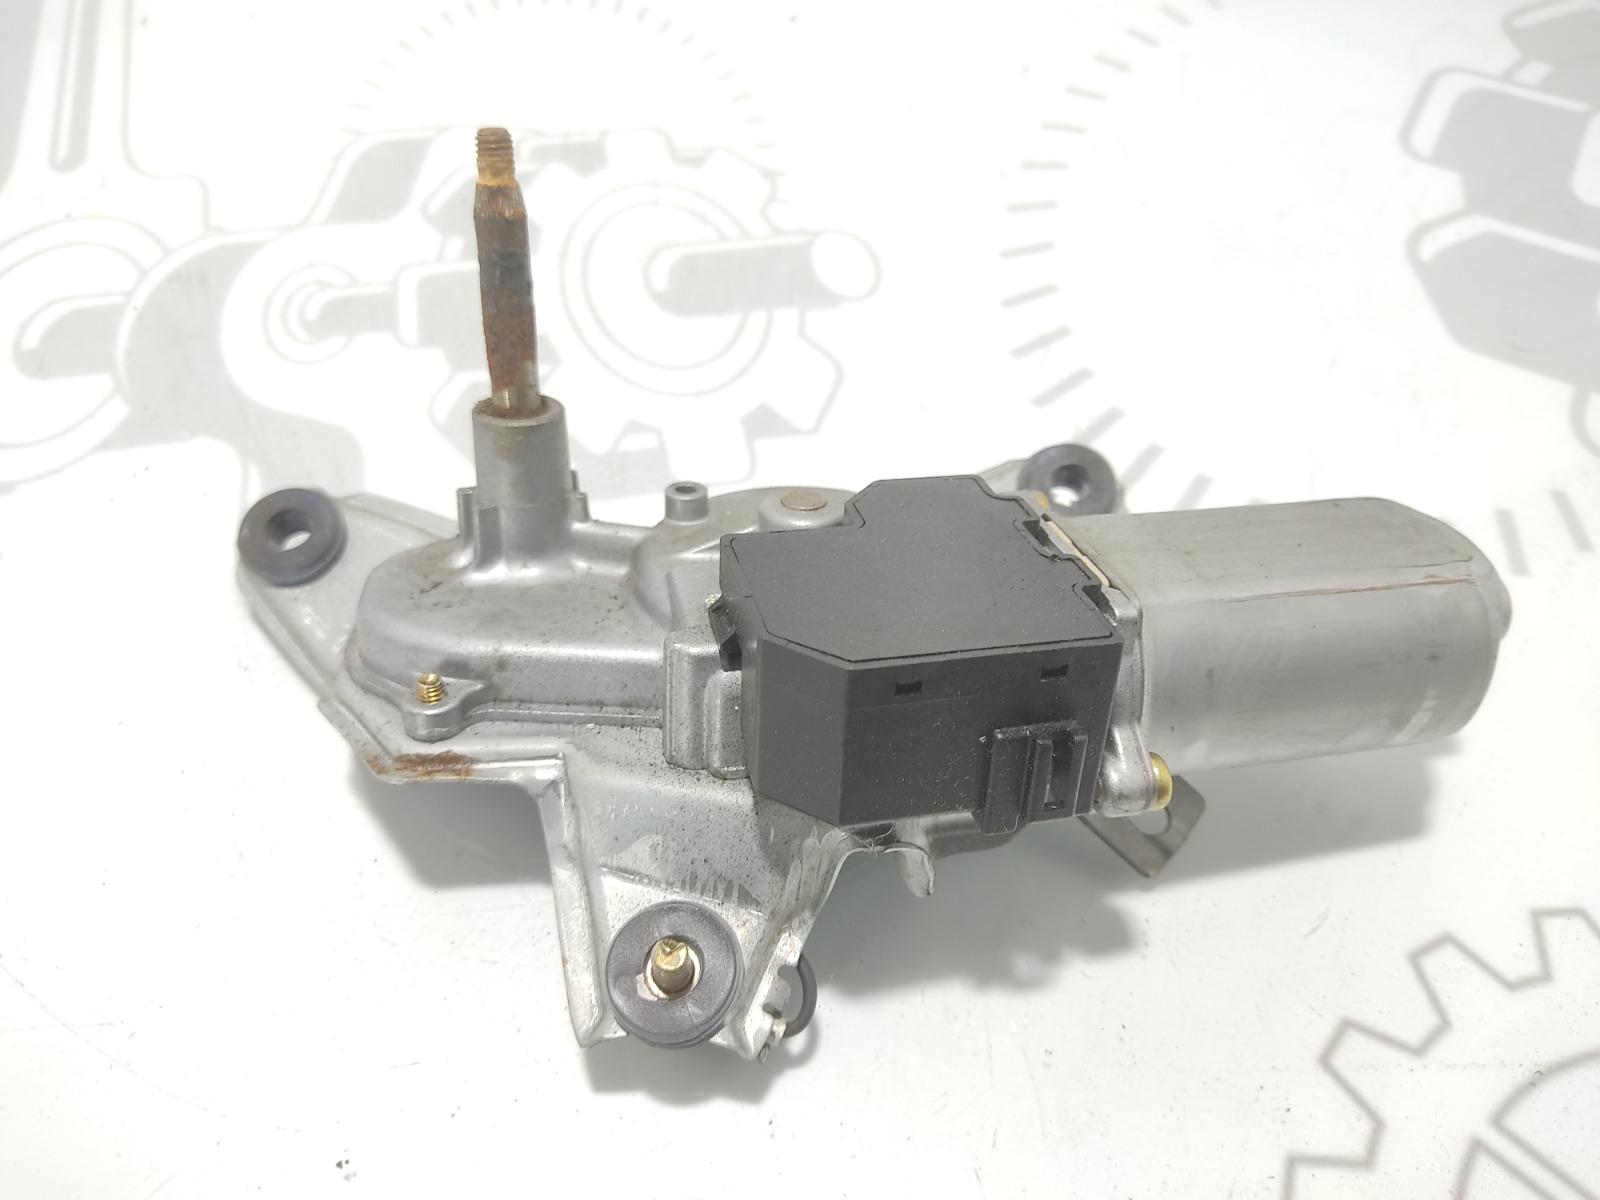 Моторчик заднего стеклоочистителя (дворника) Toyota Avensis Verso 2.0 D-4D 2002 (б/у)